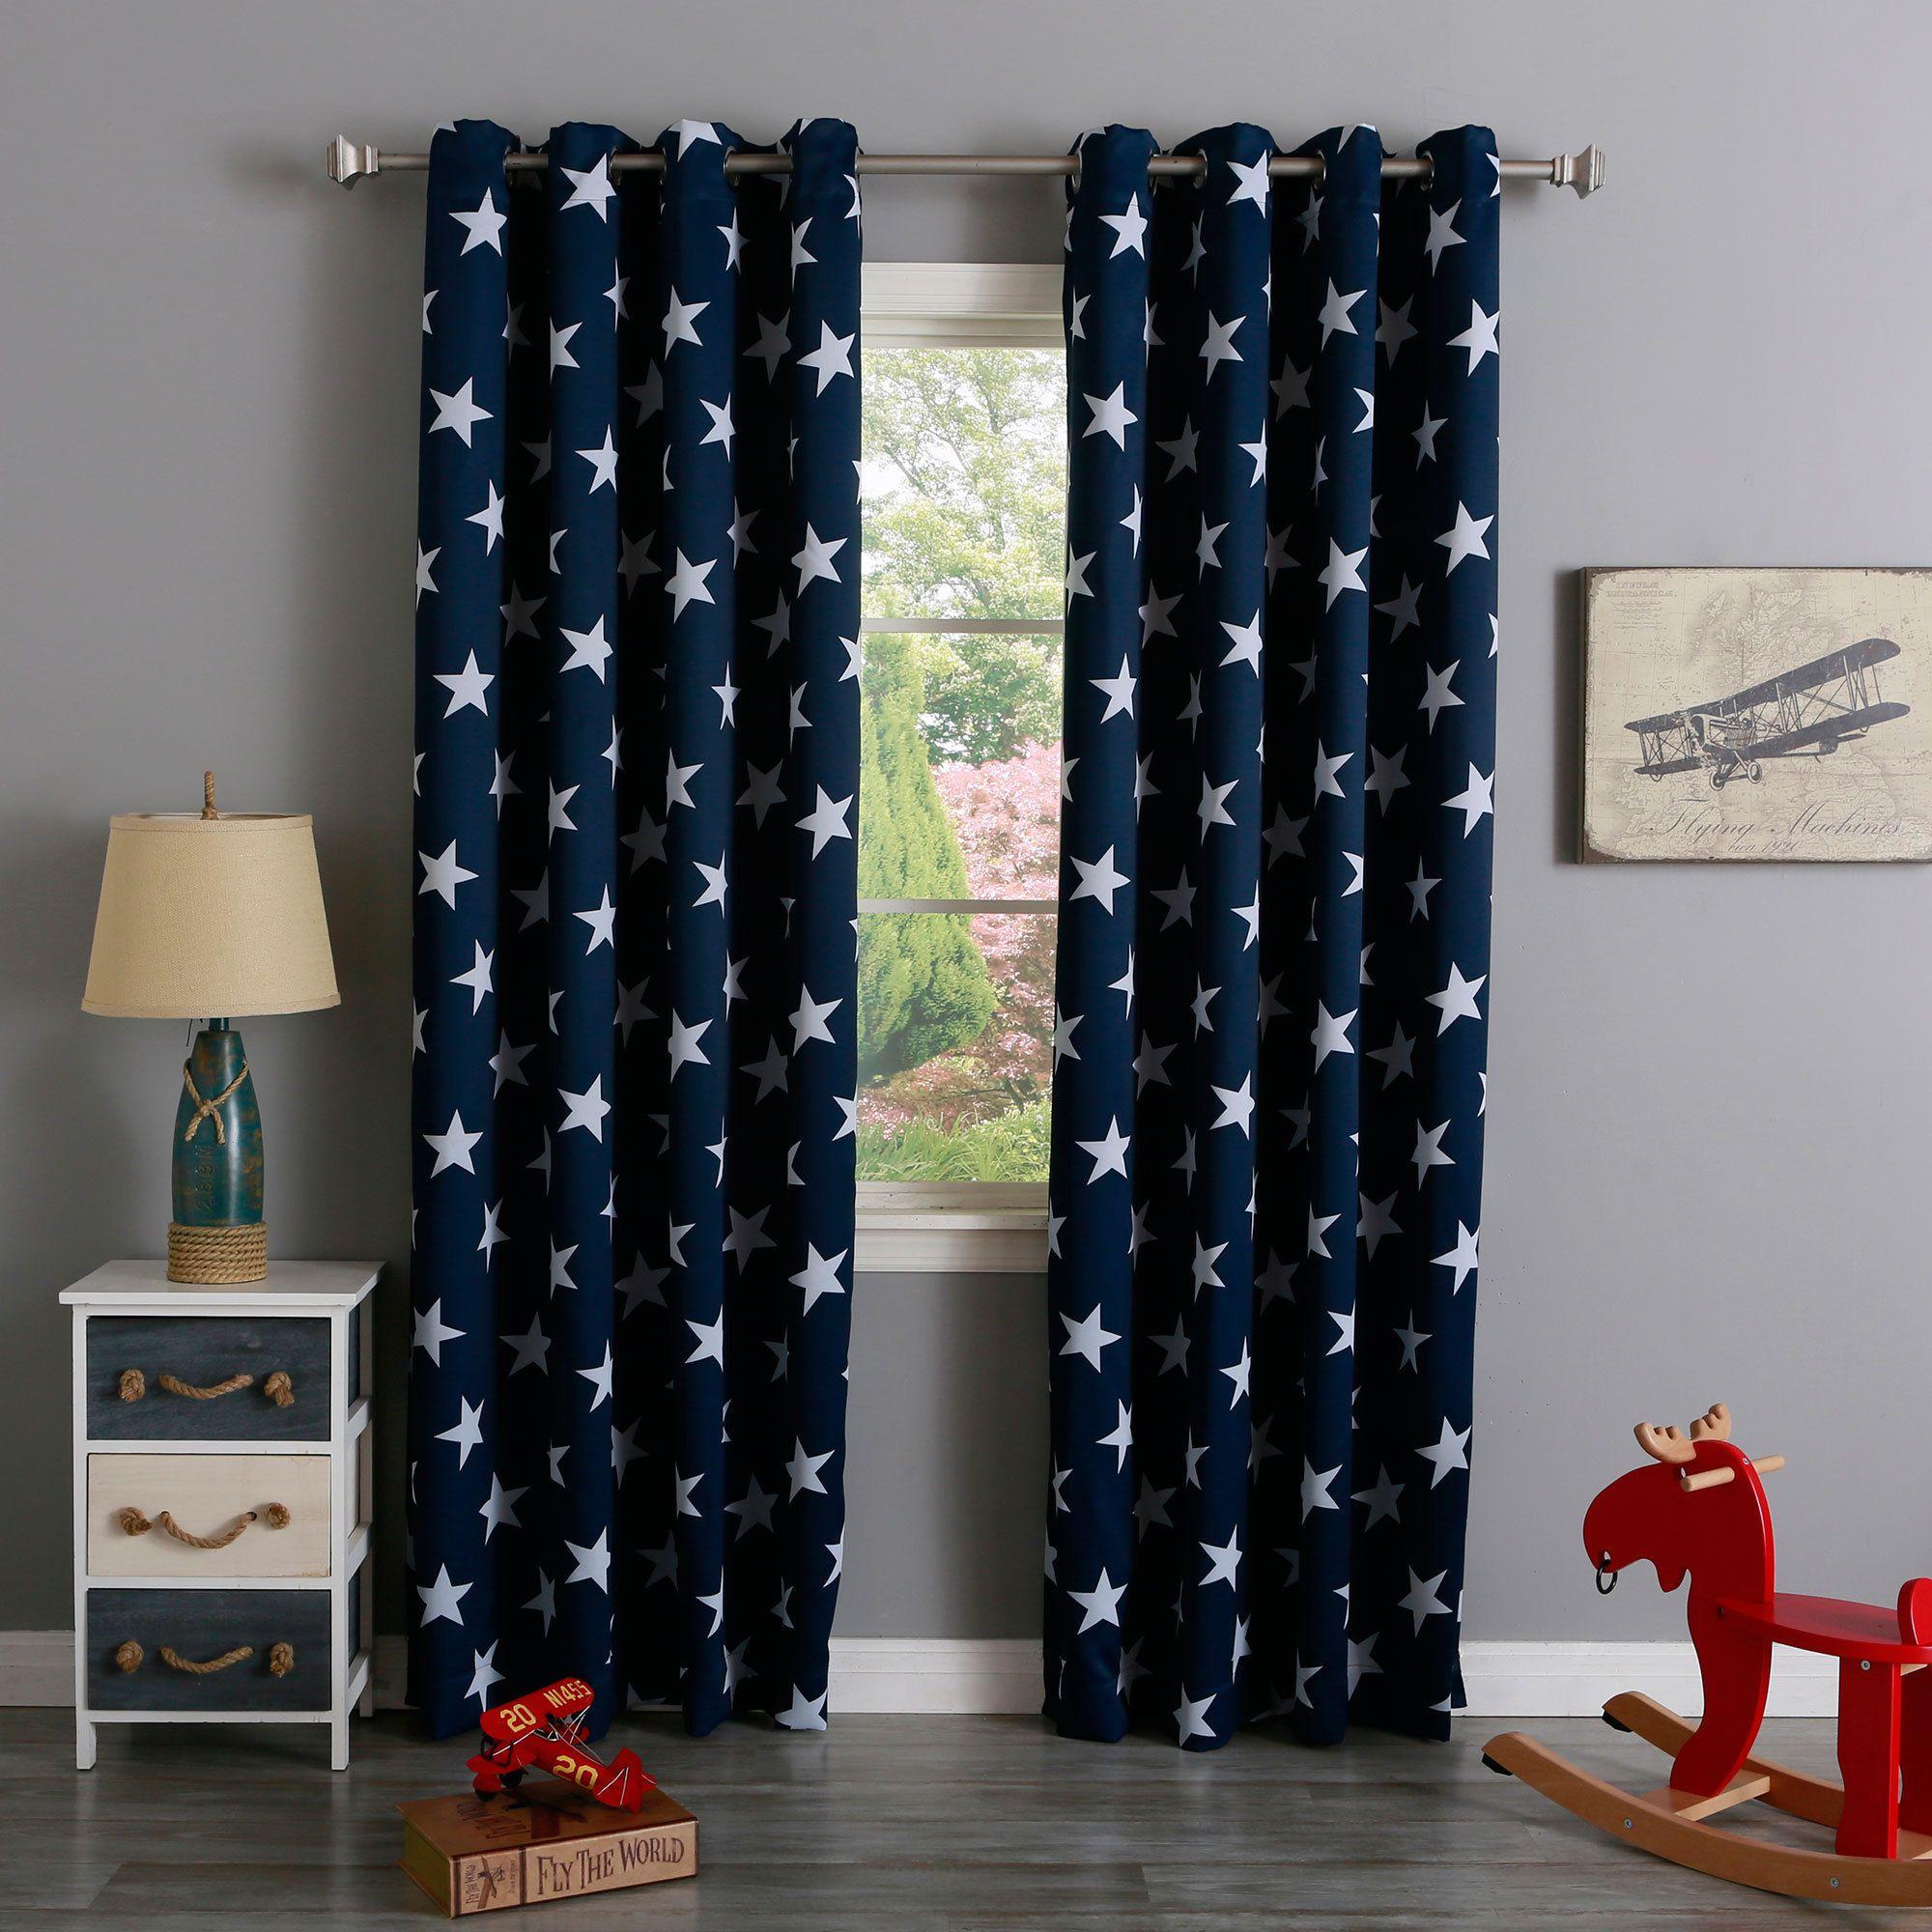 Aurora Home Room Darkening Big Star Print Silver Grommet Top Curtain